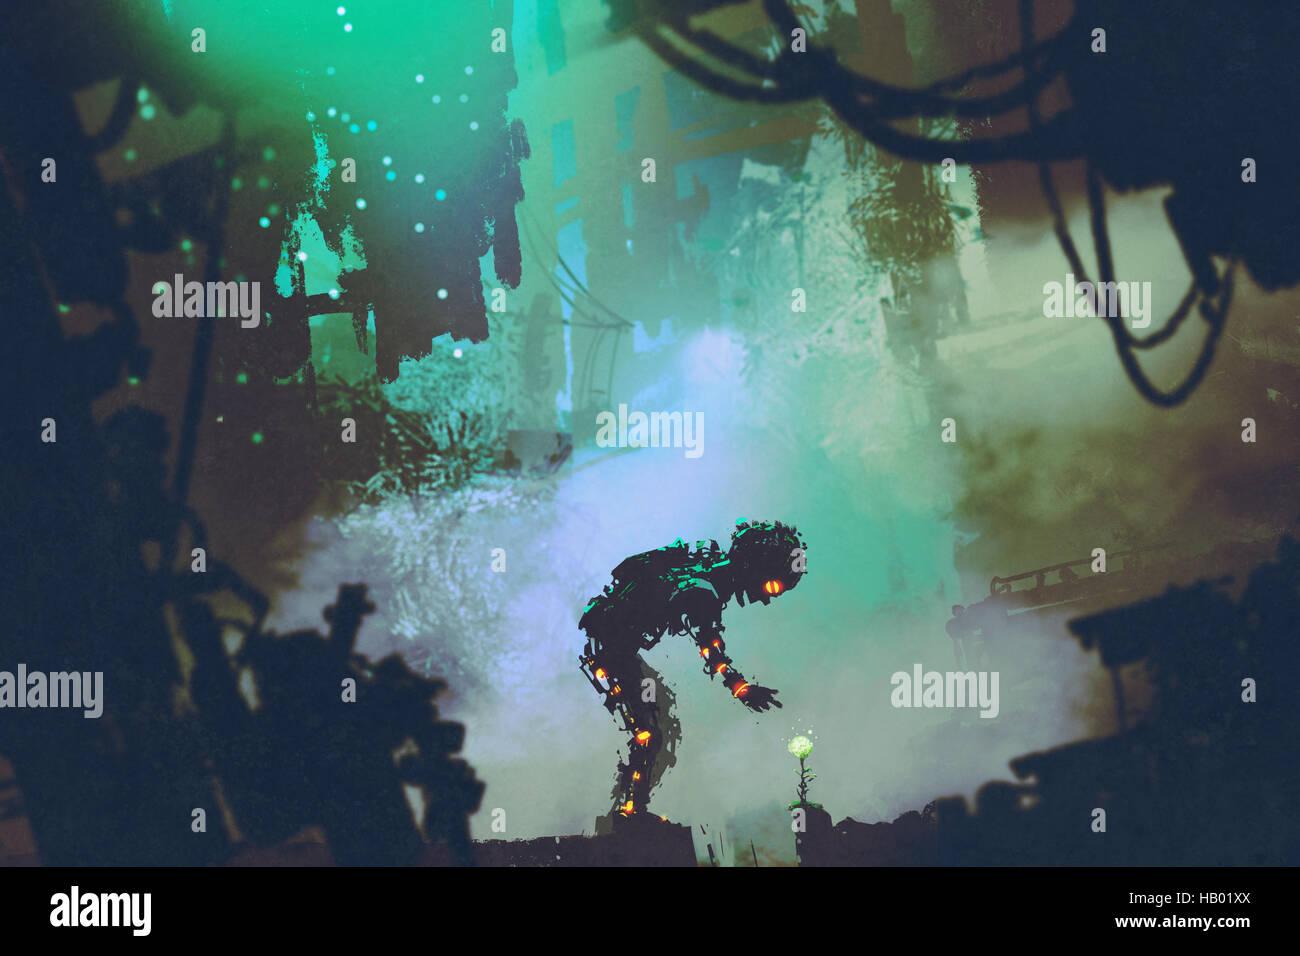 Lindo robot tocando flor en ciudad en ruinas, ilustración pintura Foto de stock